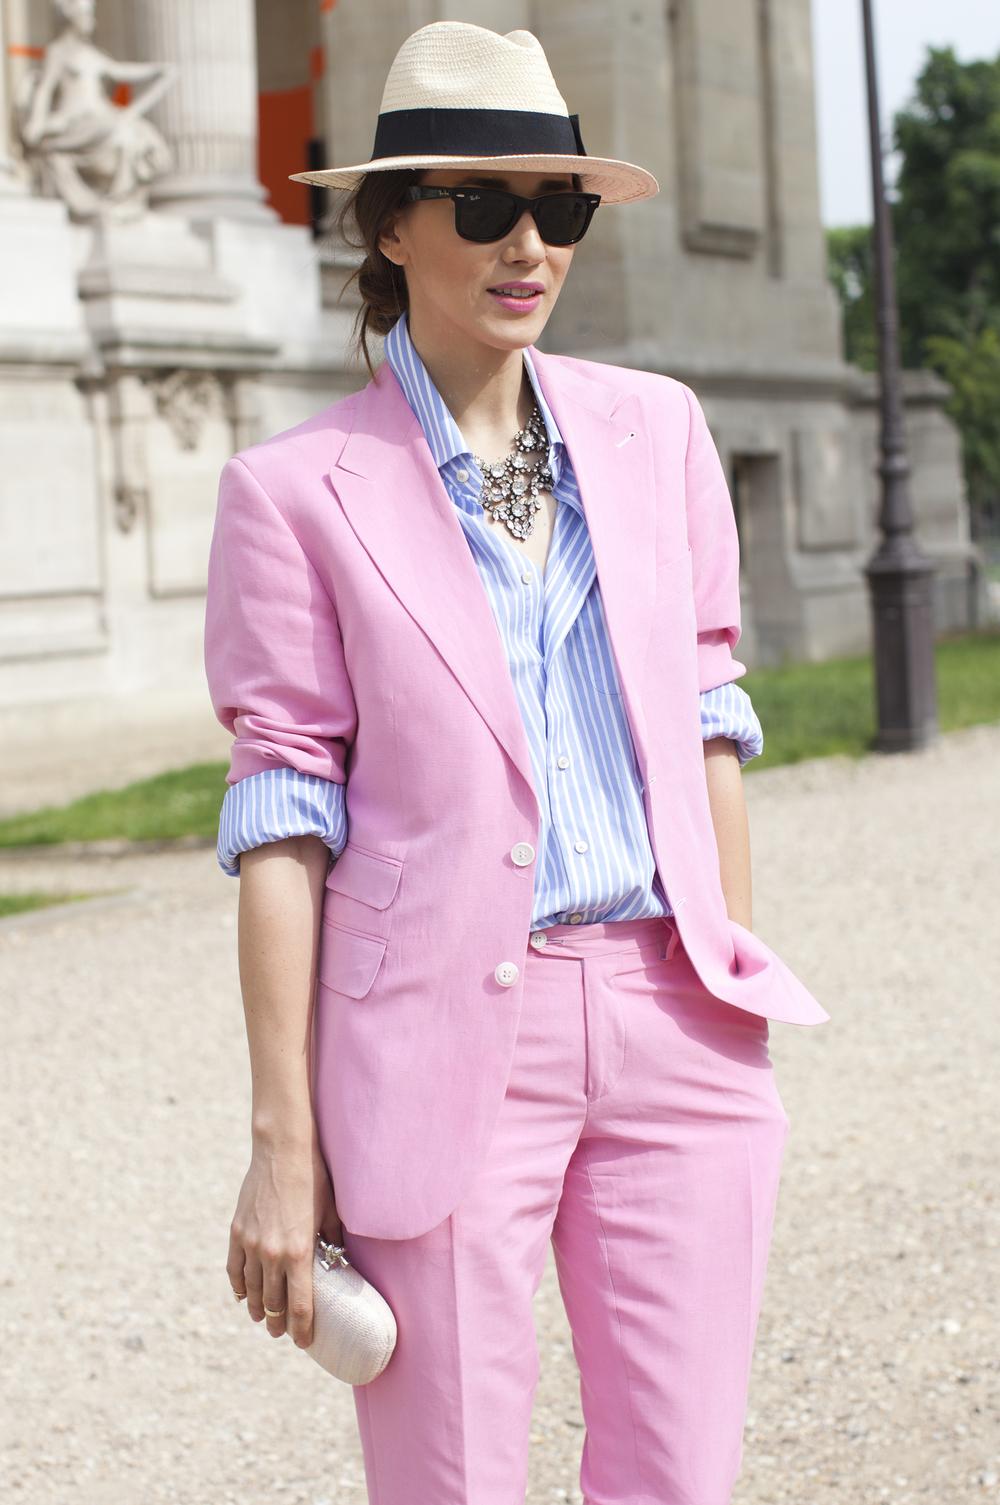 kathryn-wirsing-couture-week-streetstyle-11.jpg